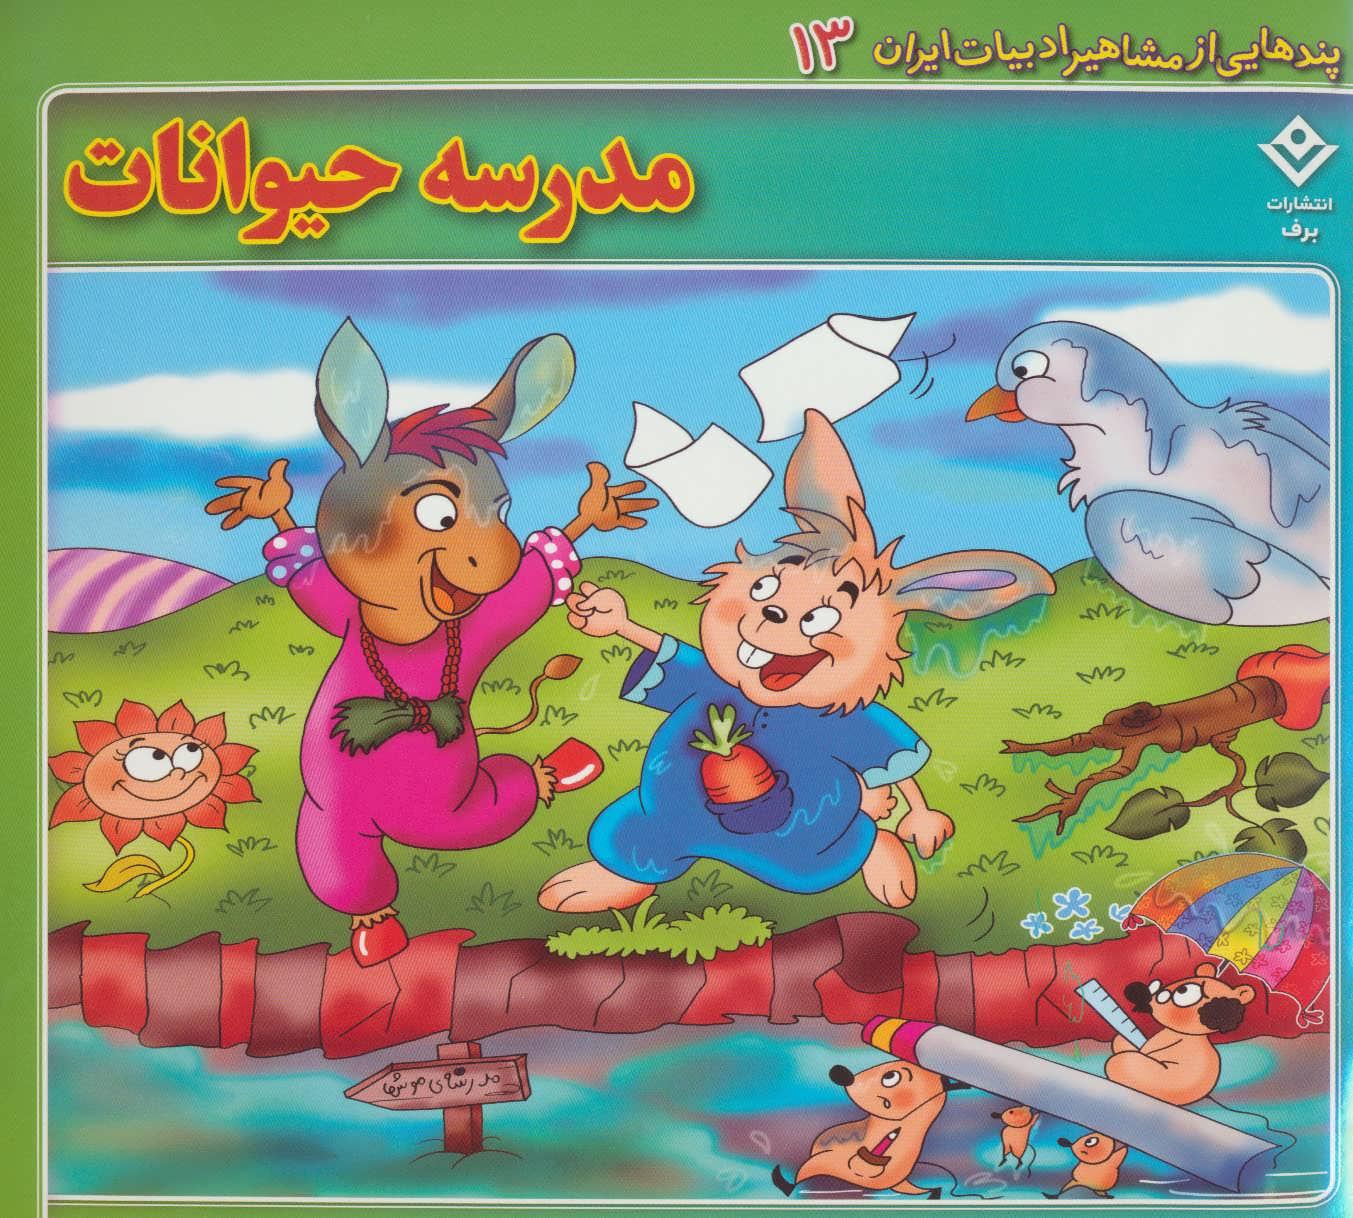 پندهایی از مشاهیر ادبیات ایران13 (مدرسه حیوانات)